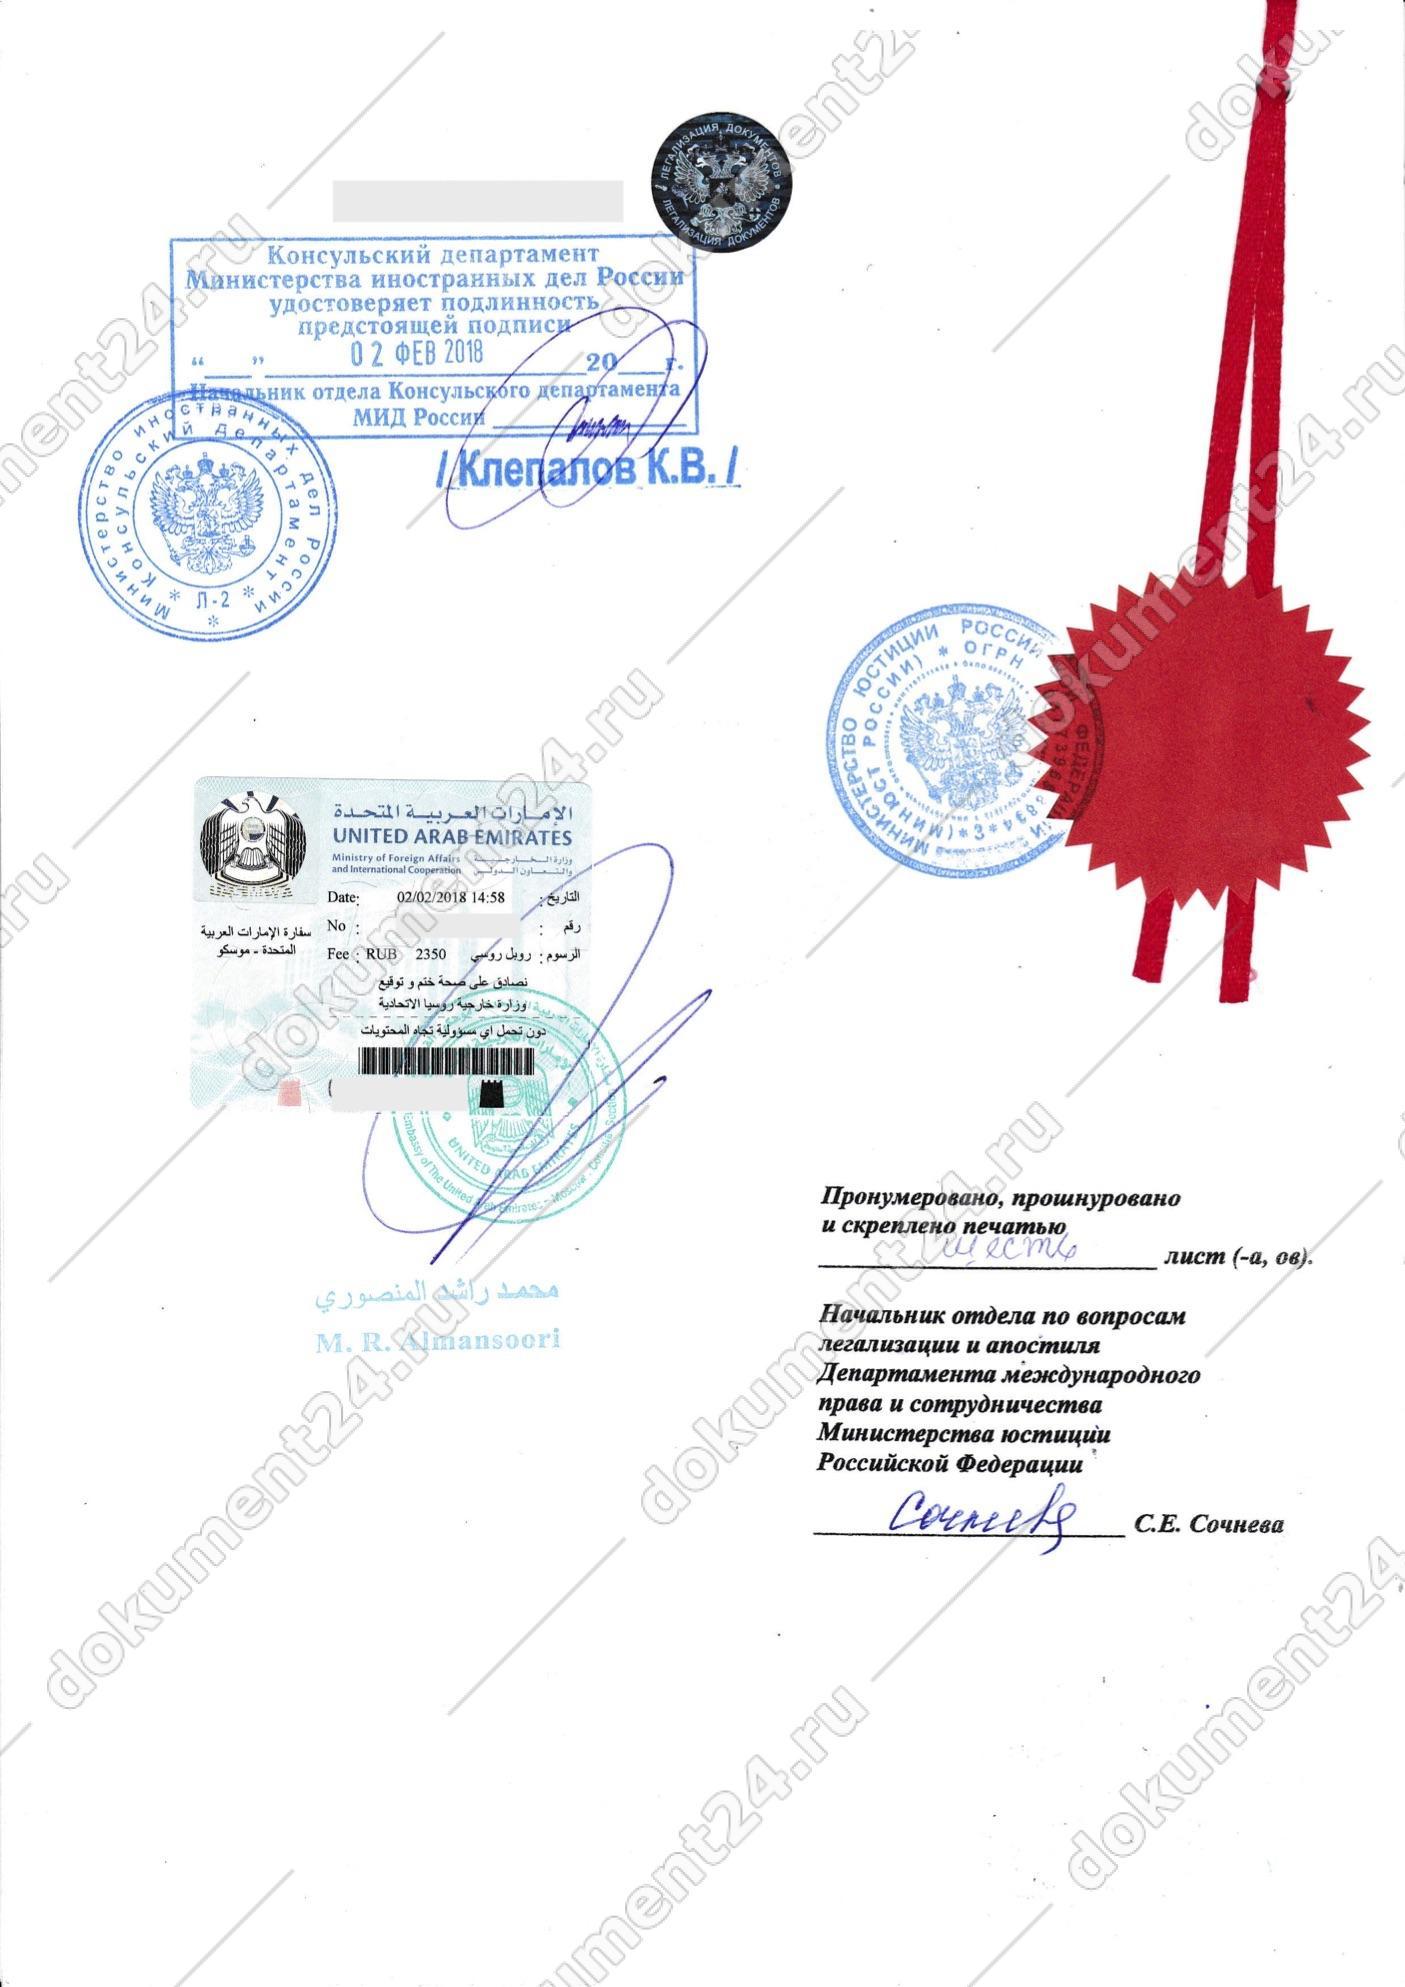 Посольство ОАЭ легализация документов